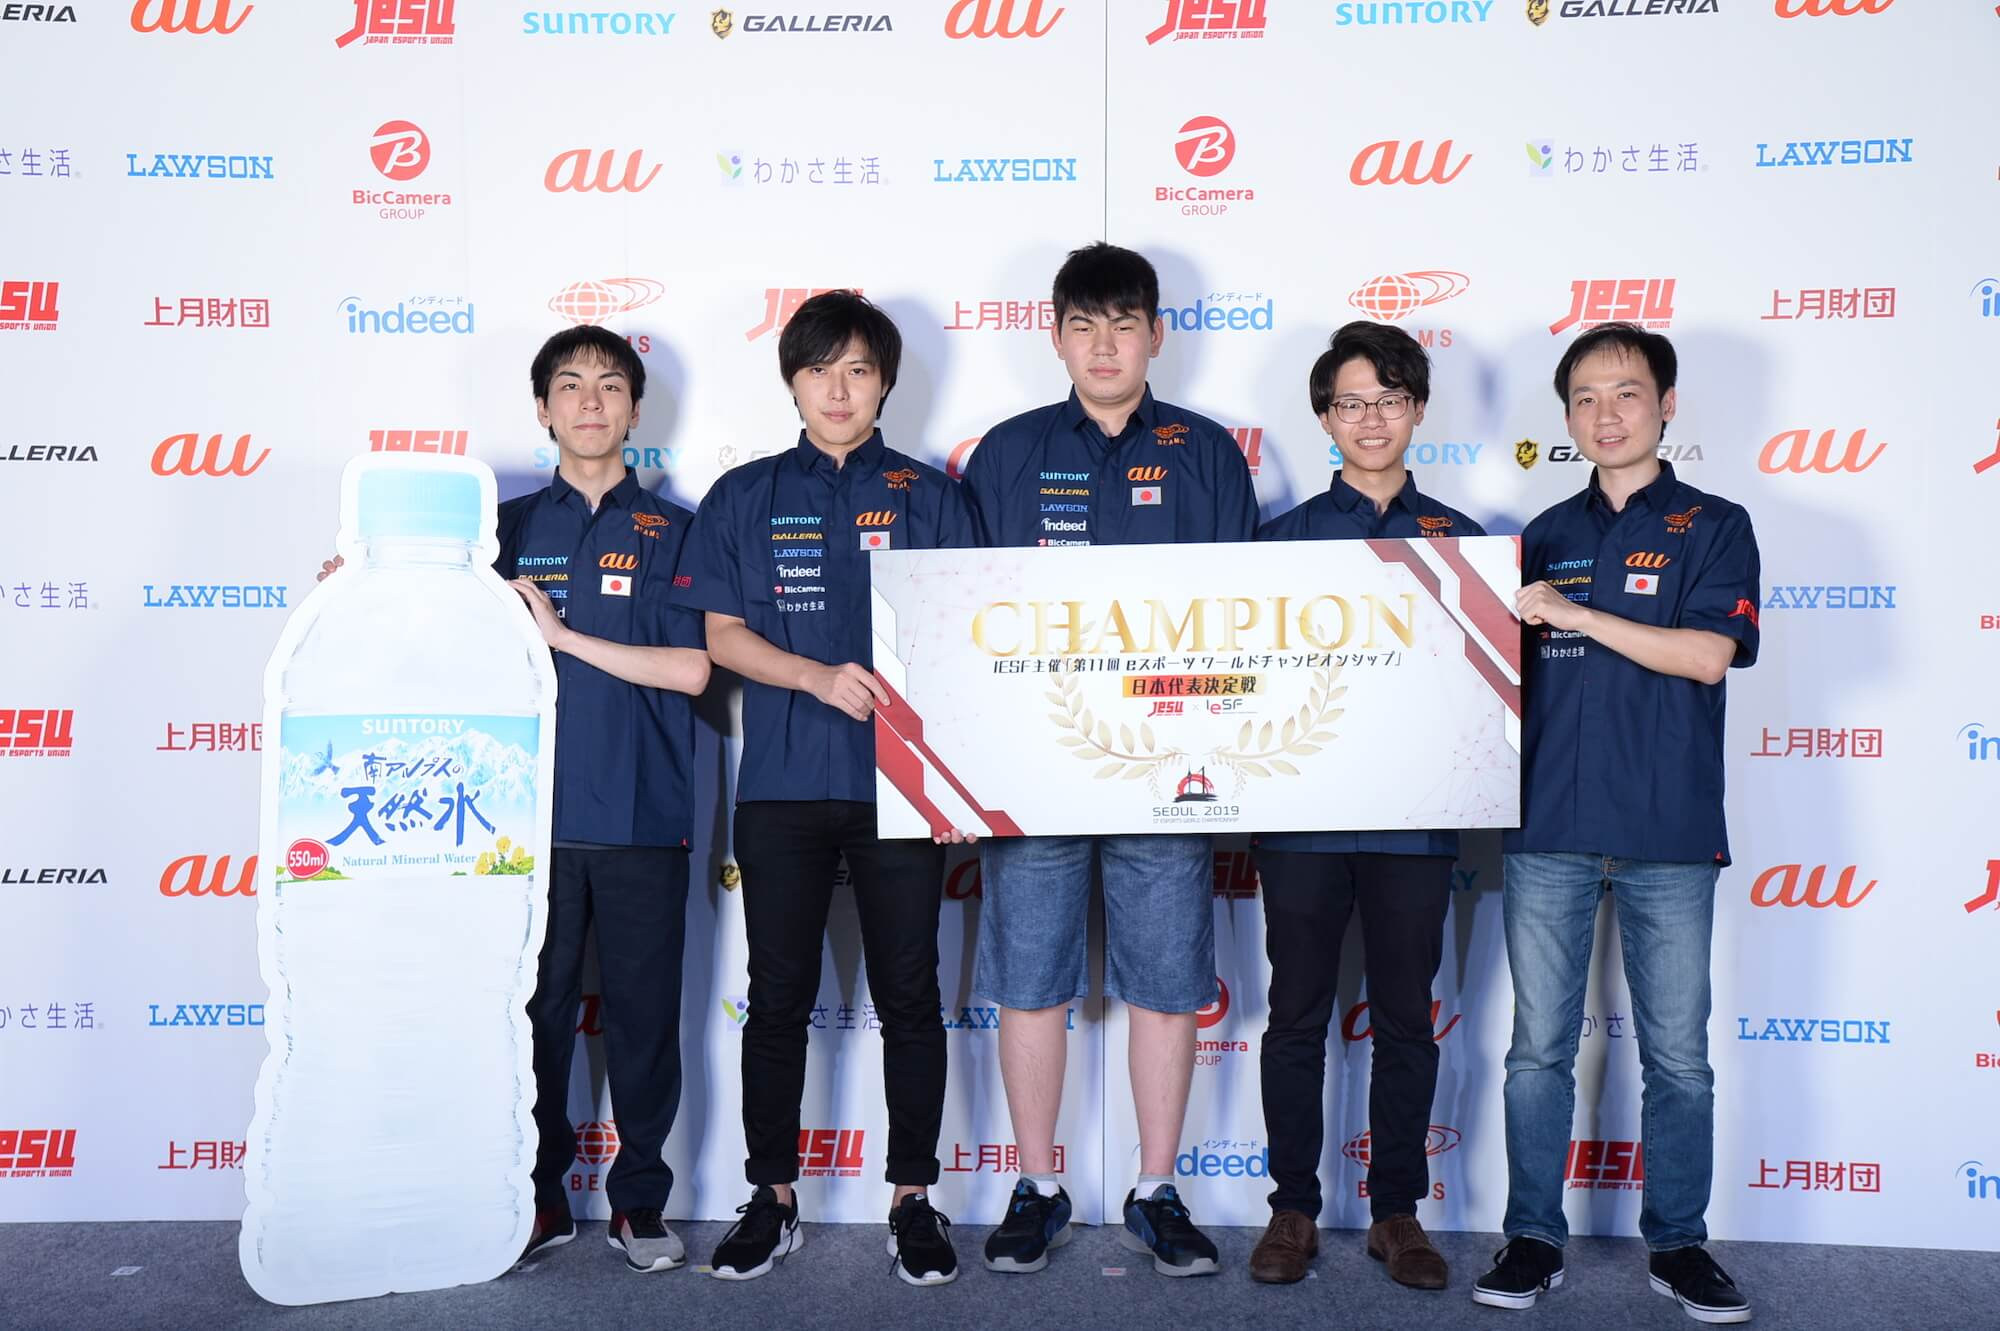 左から、Suan選手、野球犬選手、うたたねかえる選手、Arab選手、toyomaru選手